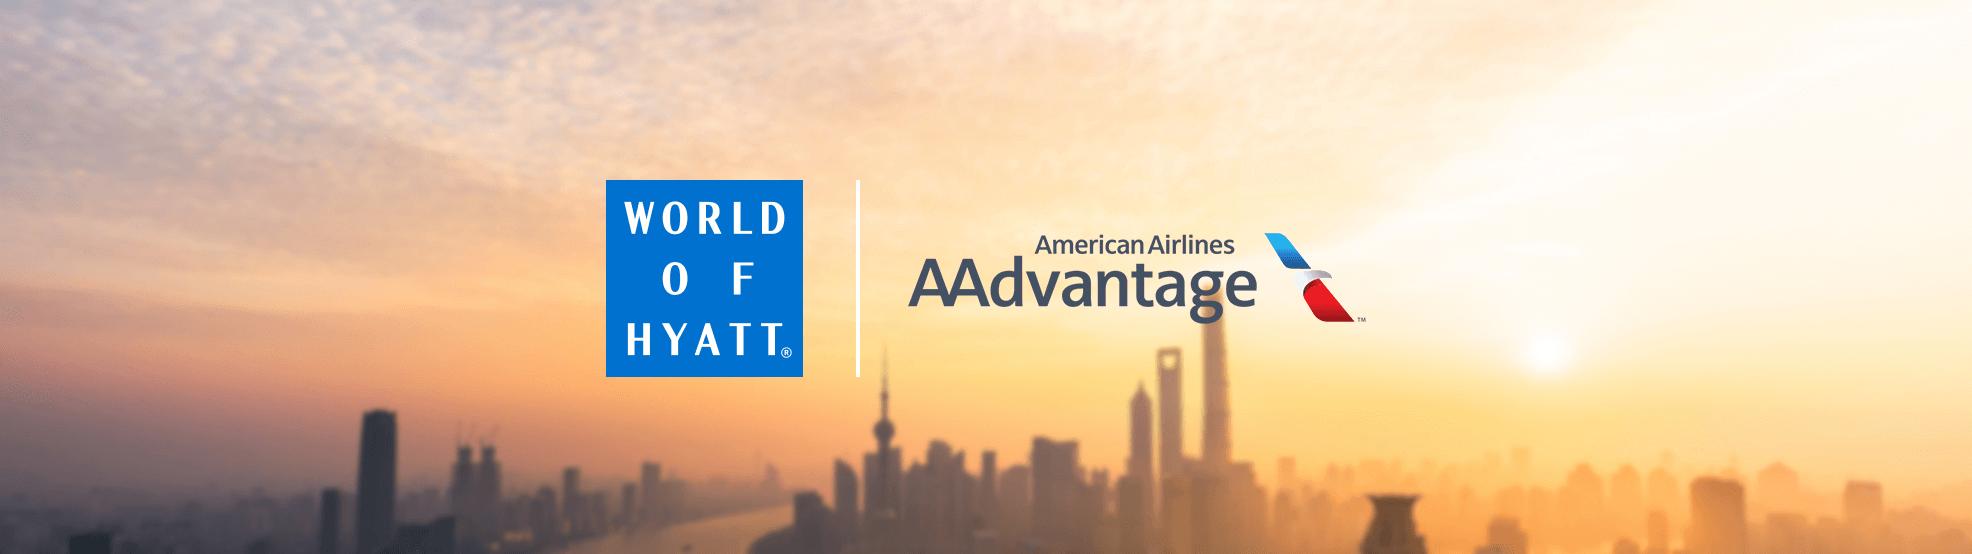 ハイアットとアメリカン航空(AA)のアカウントを相互リンクできます